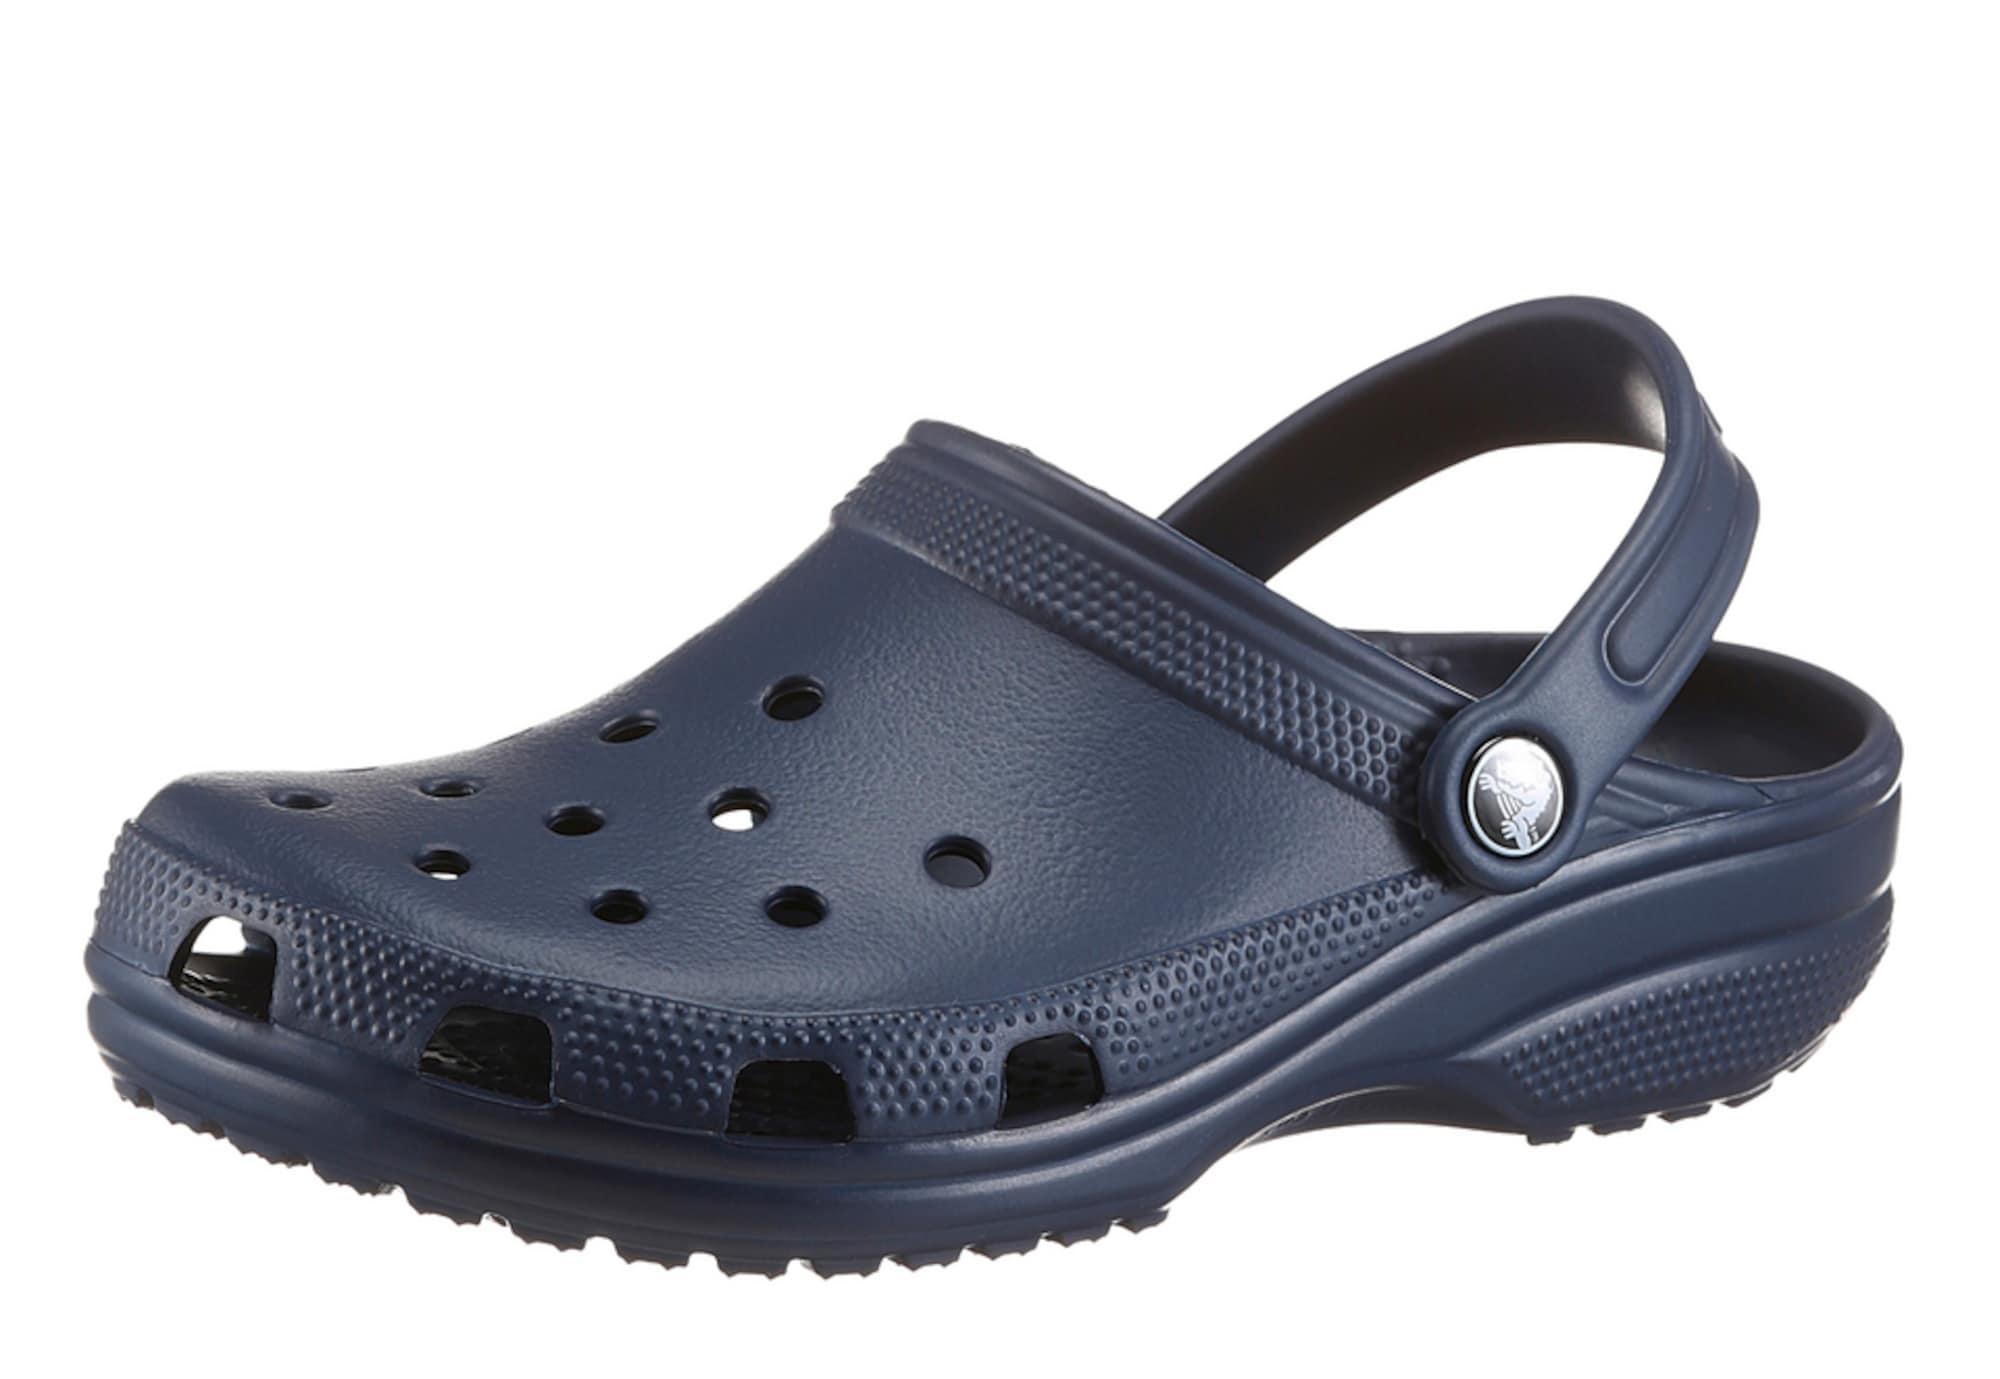 Crocs Sabots  - Bleu - Taille: 46.5 - male